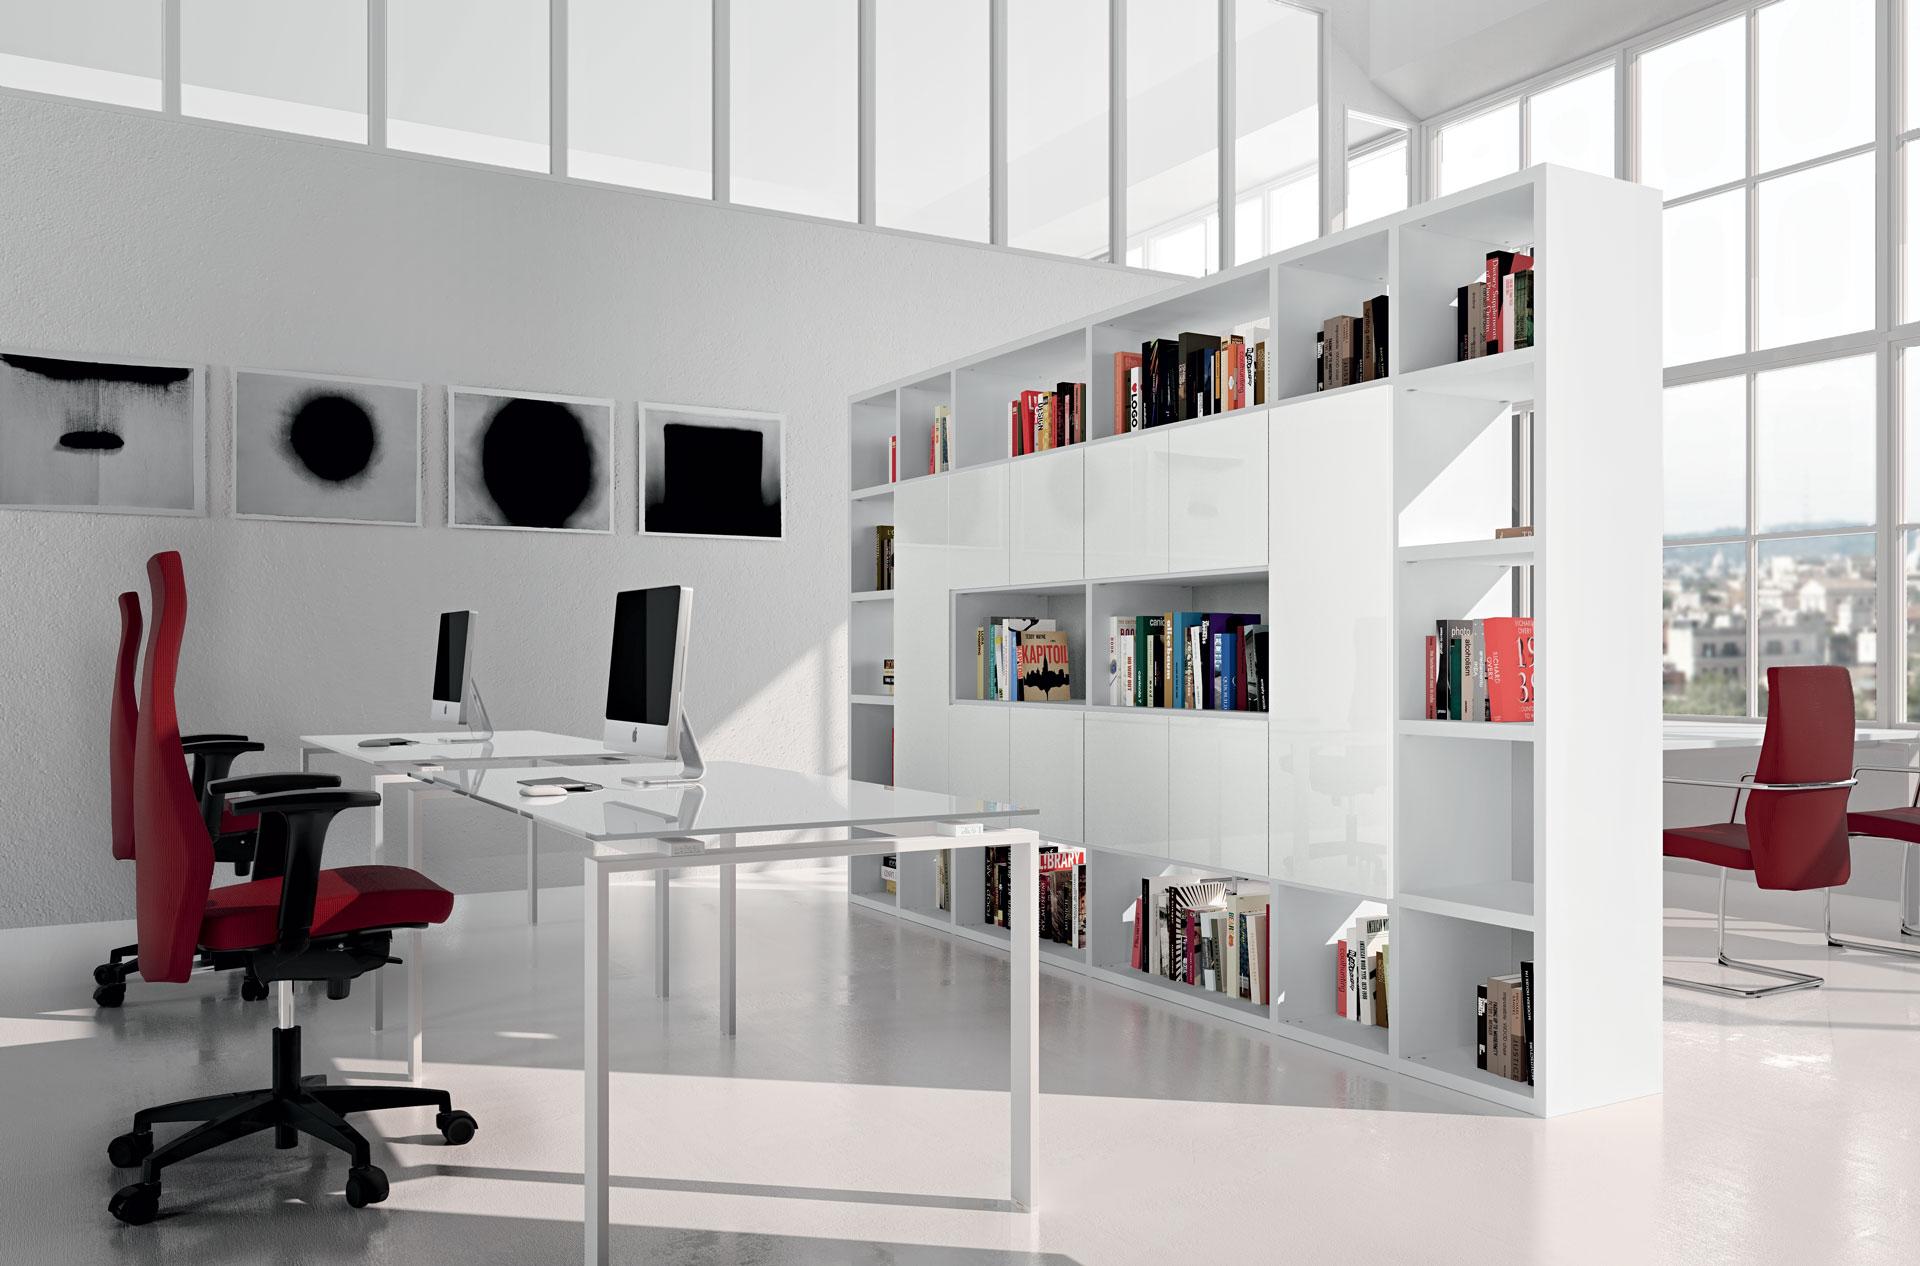 Libreria ufficio componibili arredo ufficio - Libreria ufficio ...